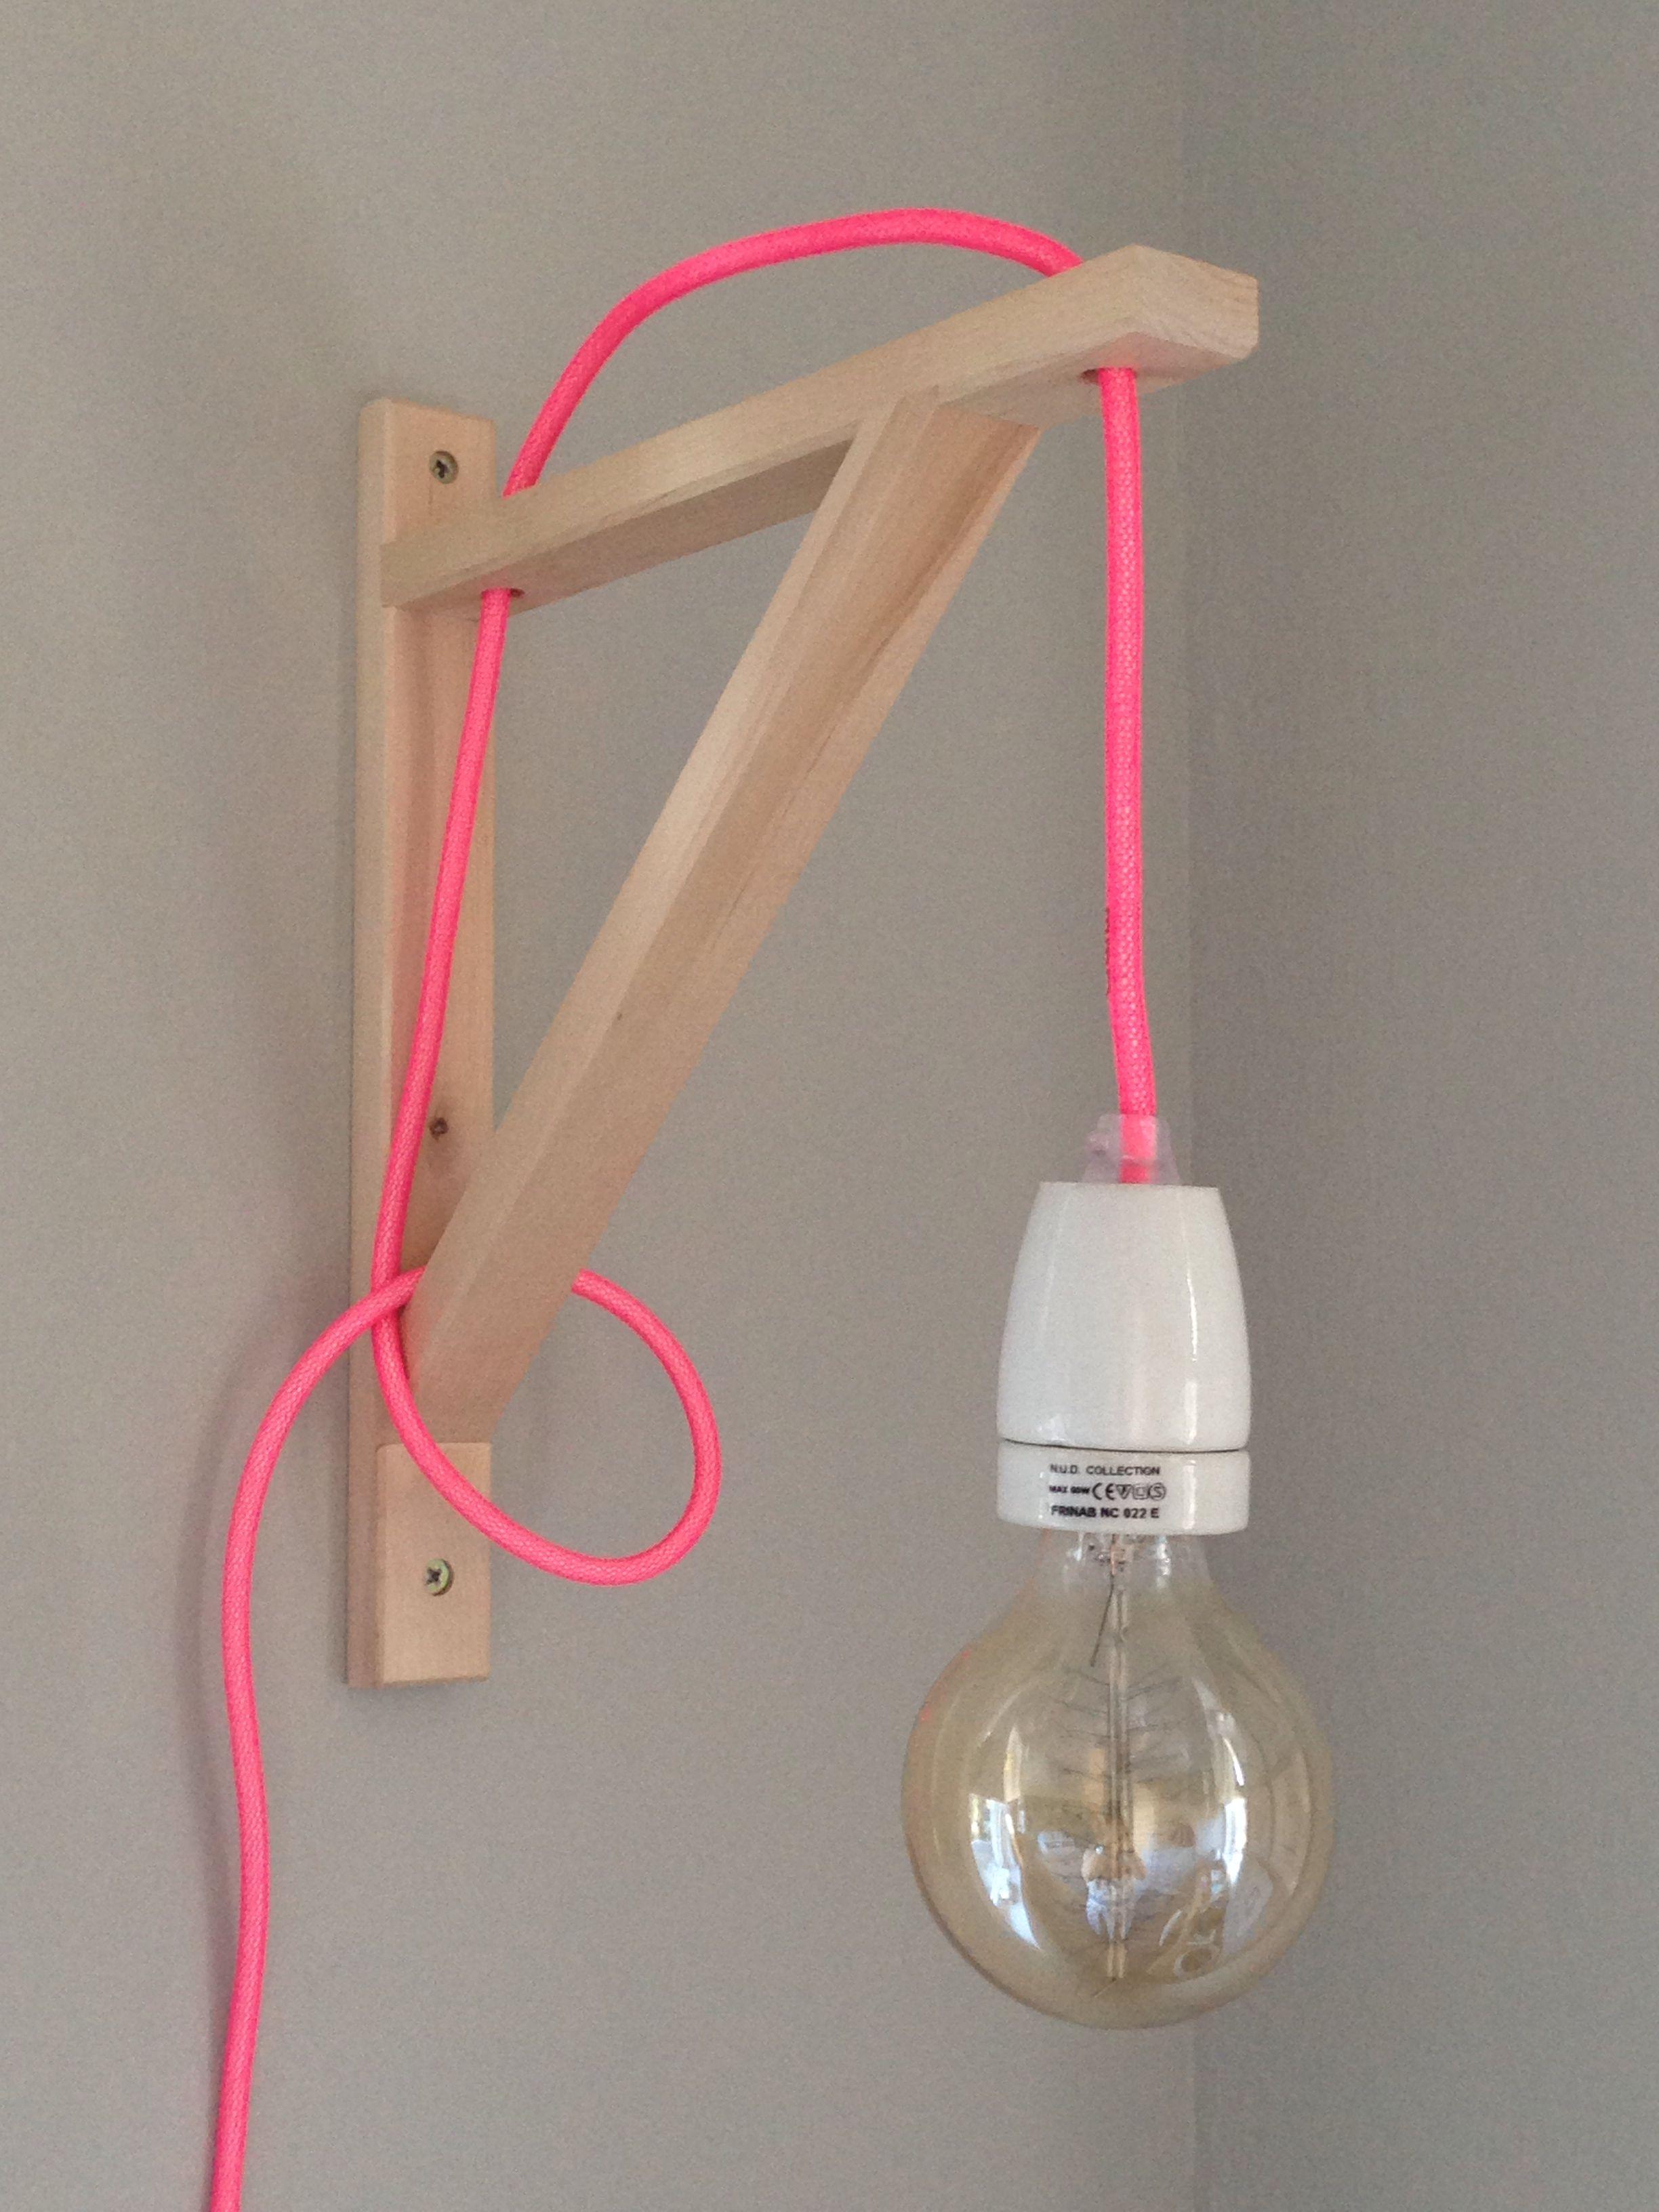 Diy Houder BoekenplankMaison Met Voor Lamp Pinterest Ikea roxedCB